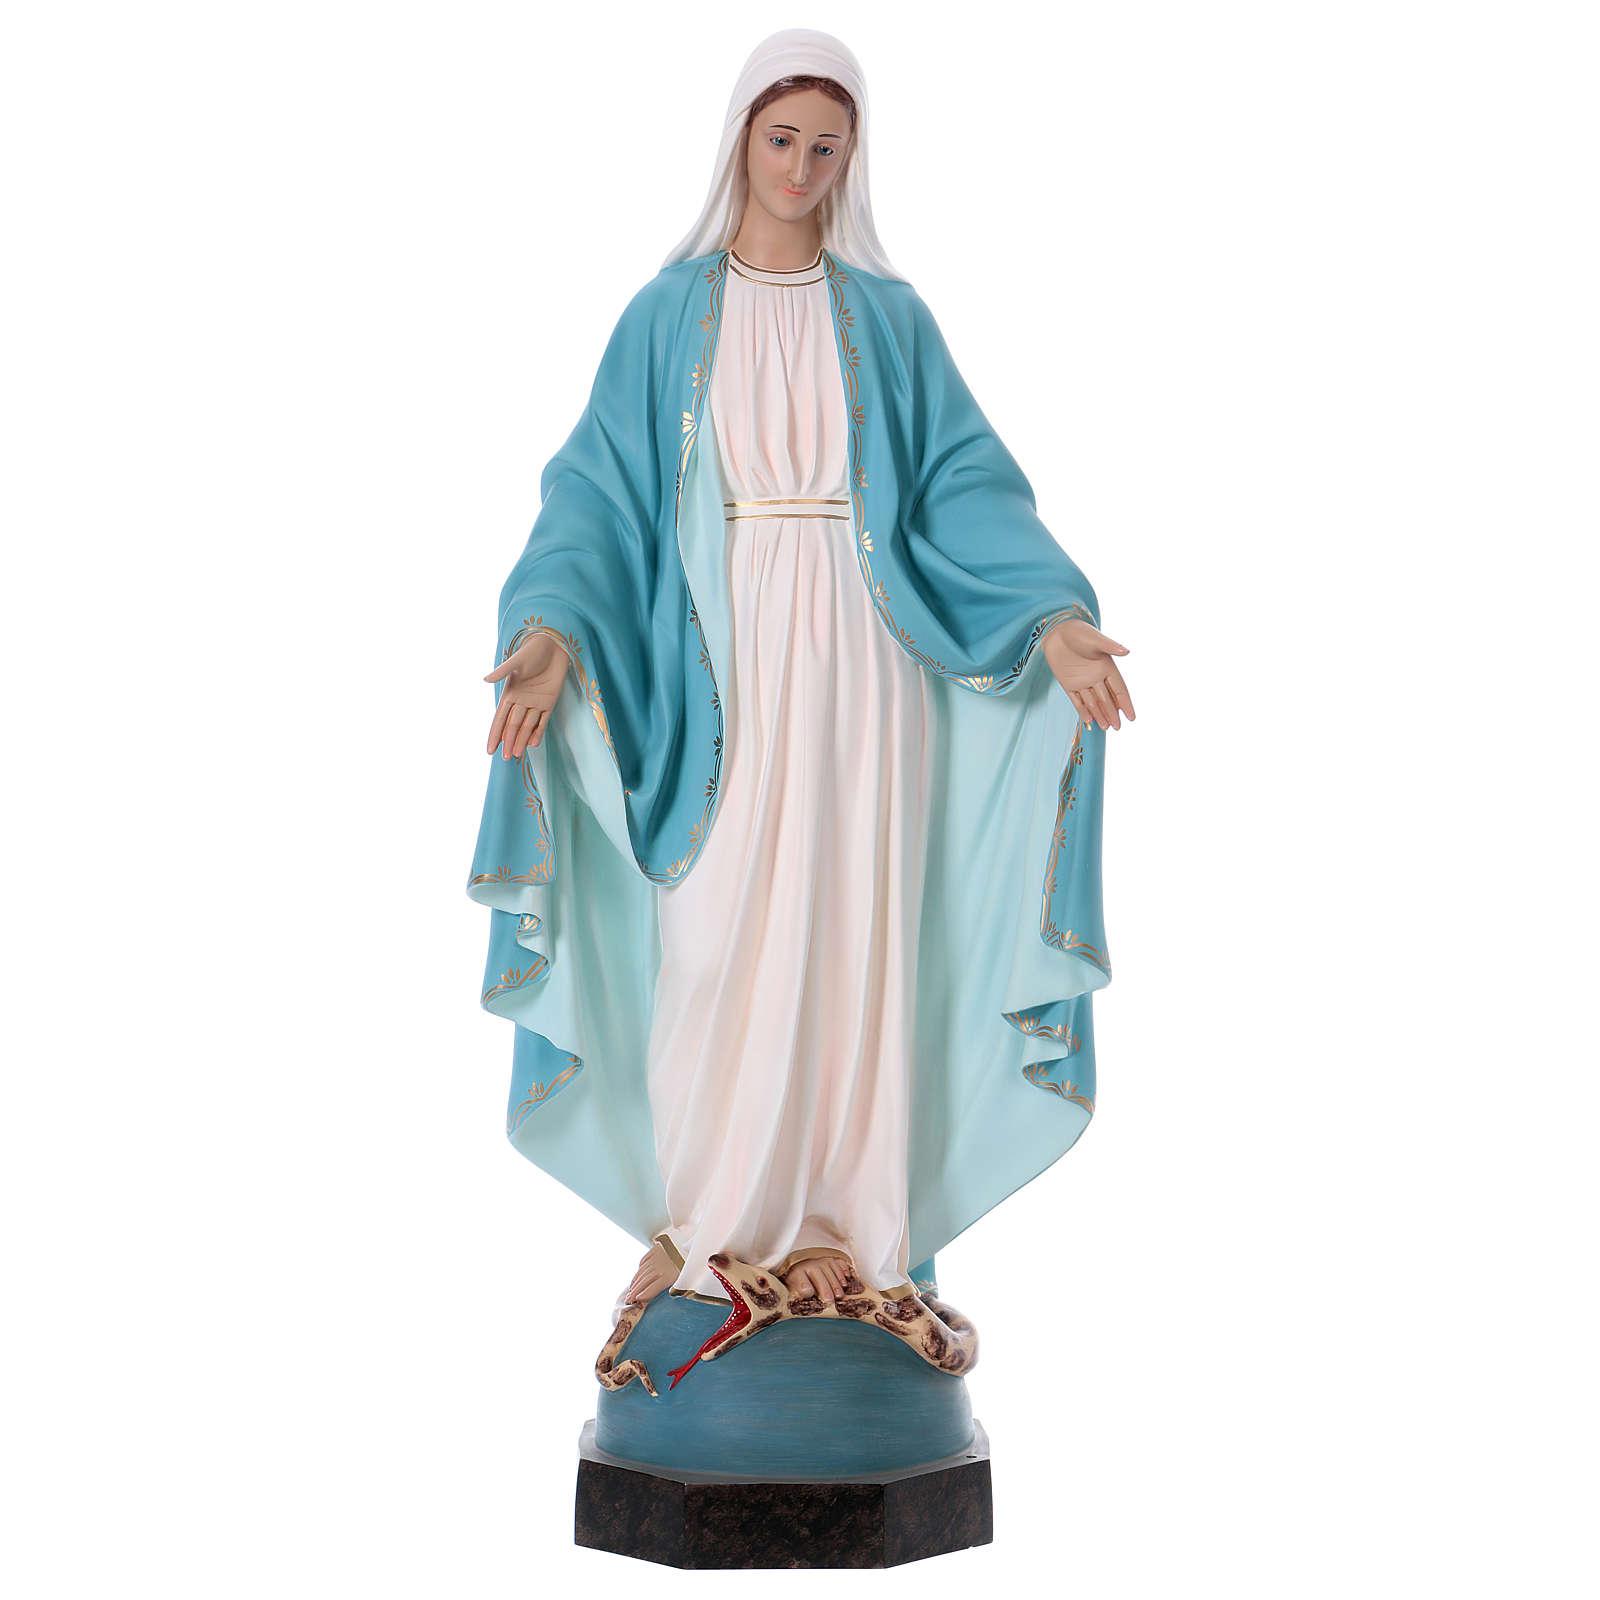 Virgen Milagrosa 110 cm fibra de vidrio coloreada ojos de vidrio 4